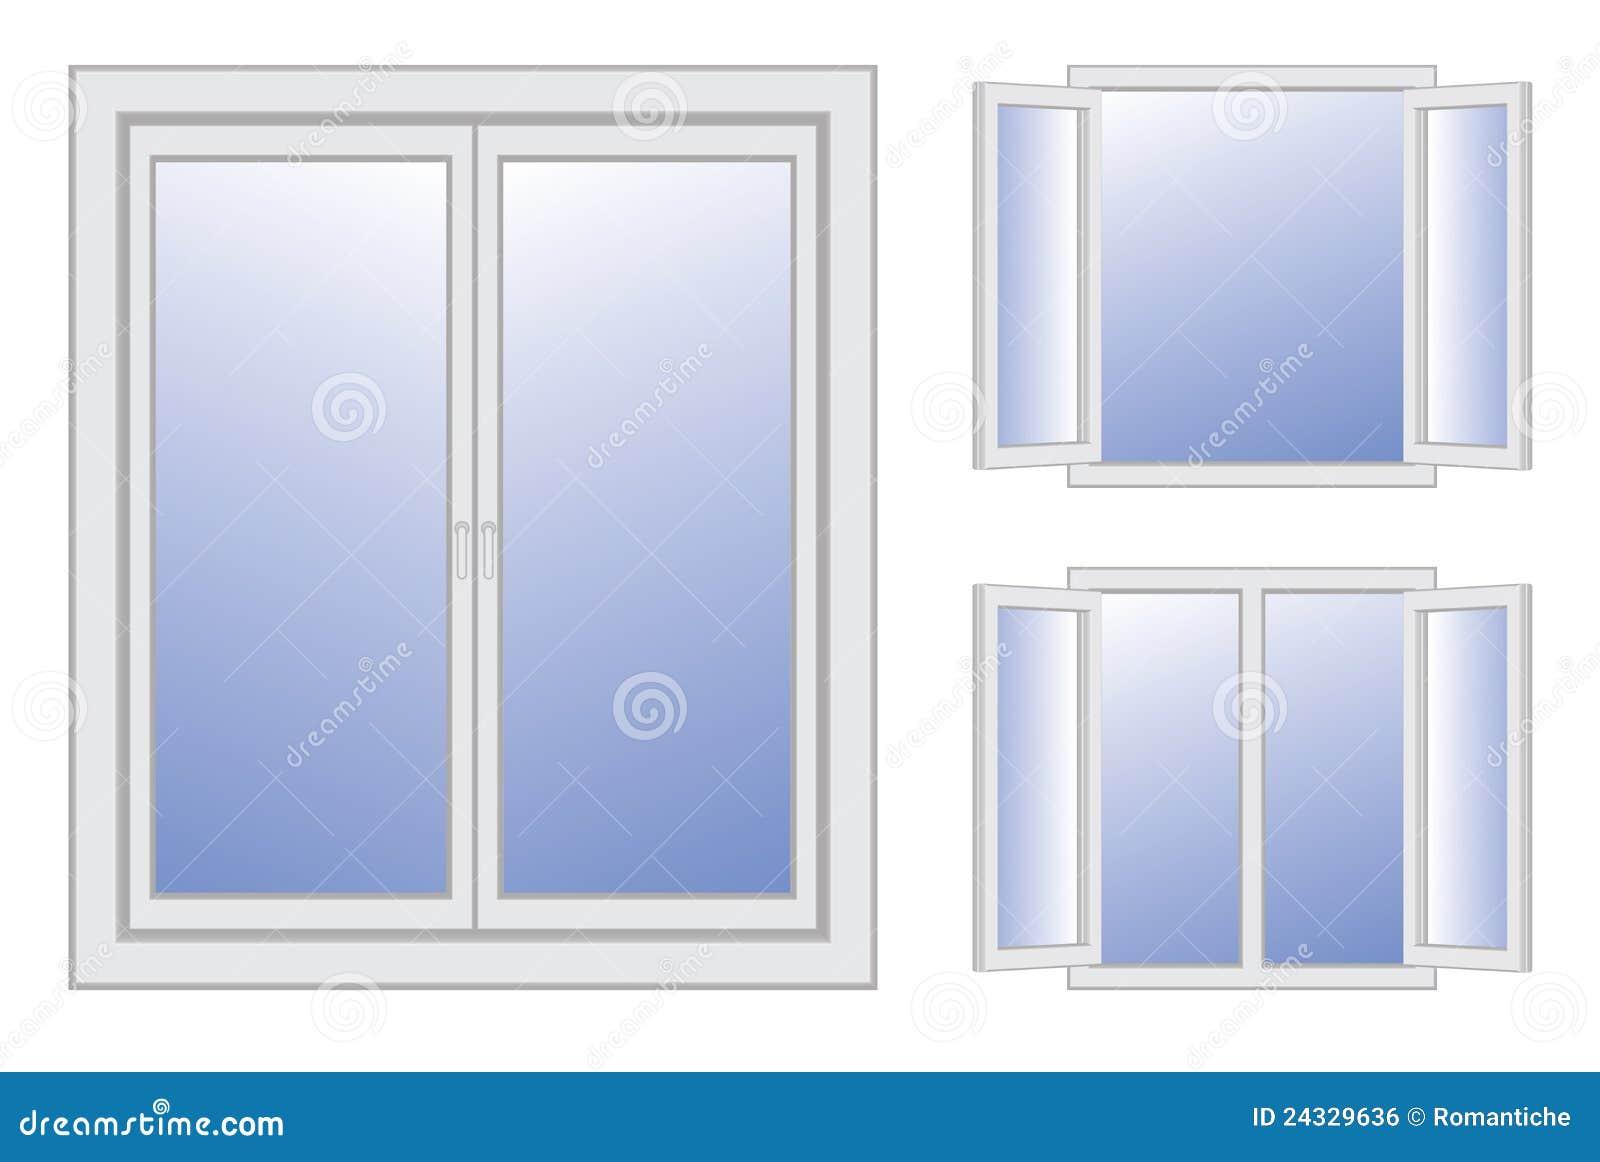 Finestre aperte e chiuse illustrazione vettoriale illustrazione di vetro 24329636 - Finestre condominiali aperte o chiuse ...